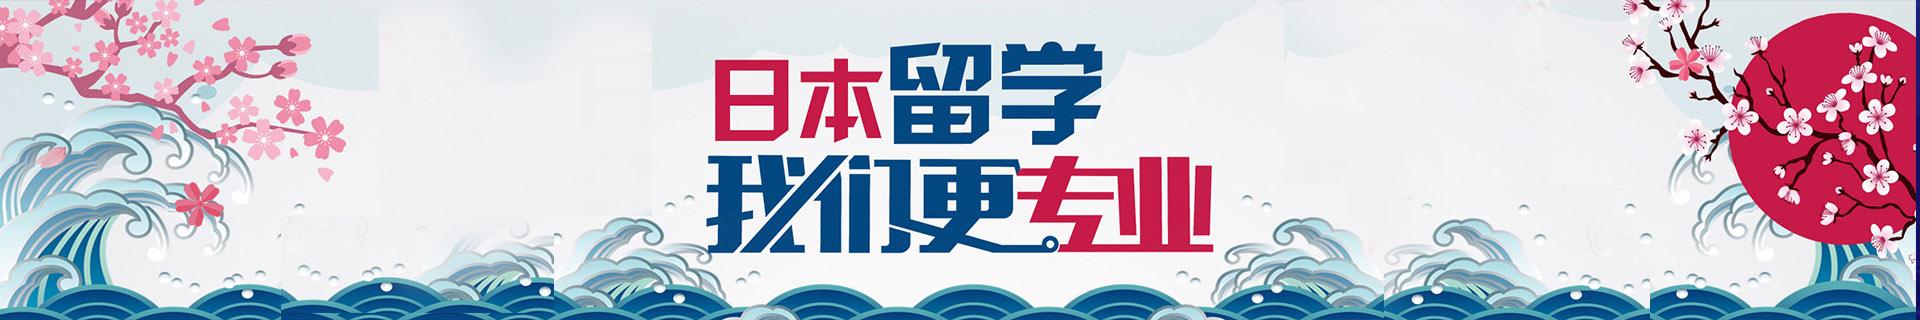 合肥包河区樱花国际日语培训机构